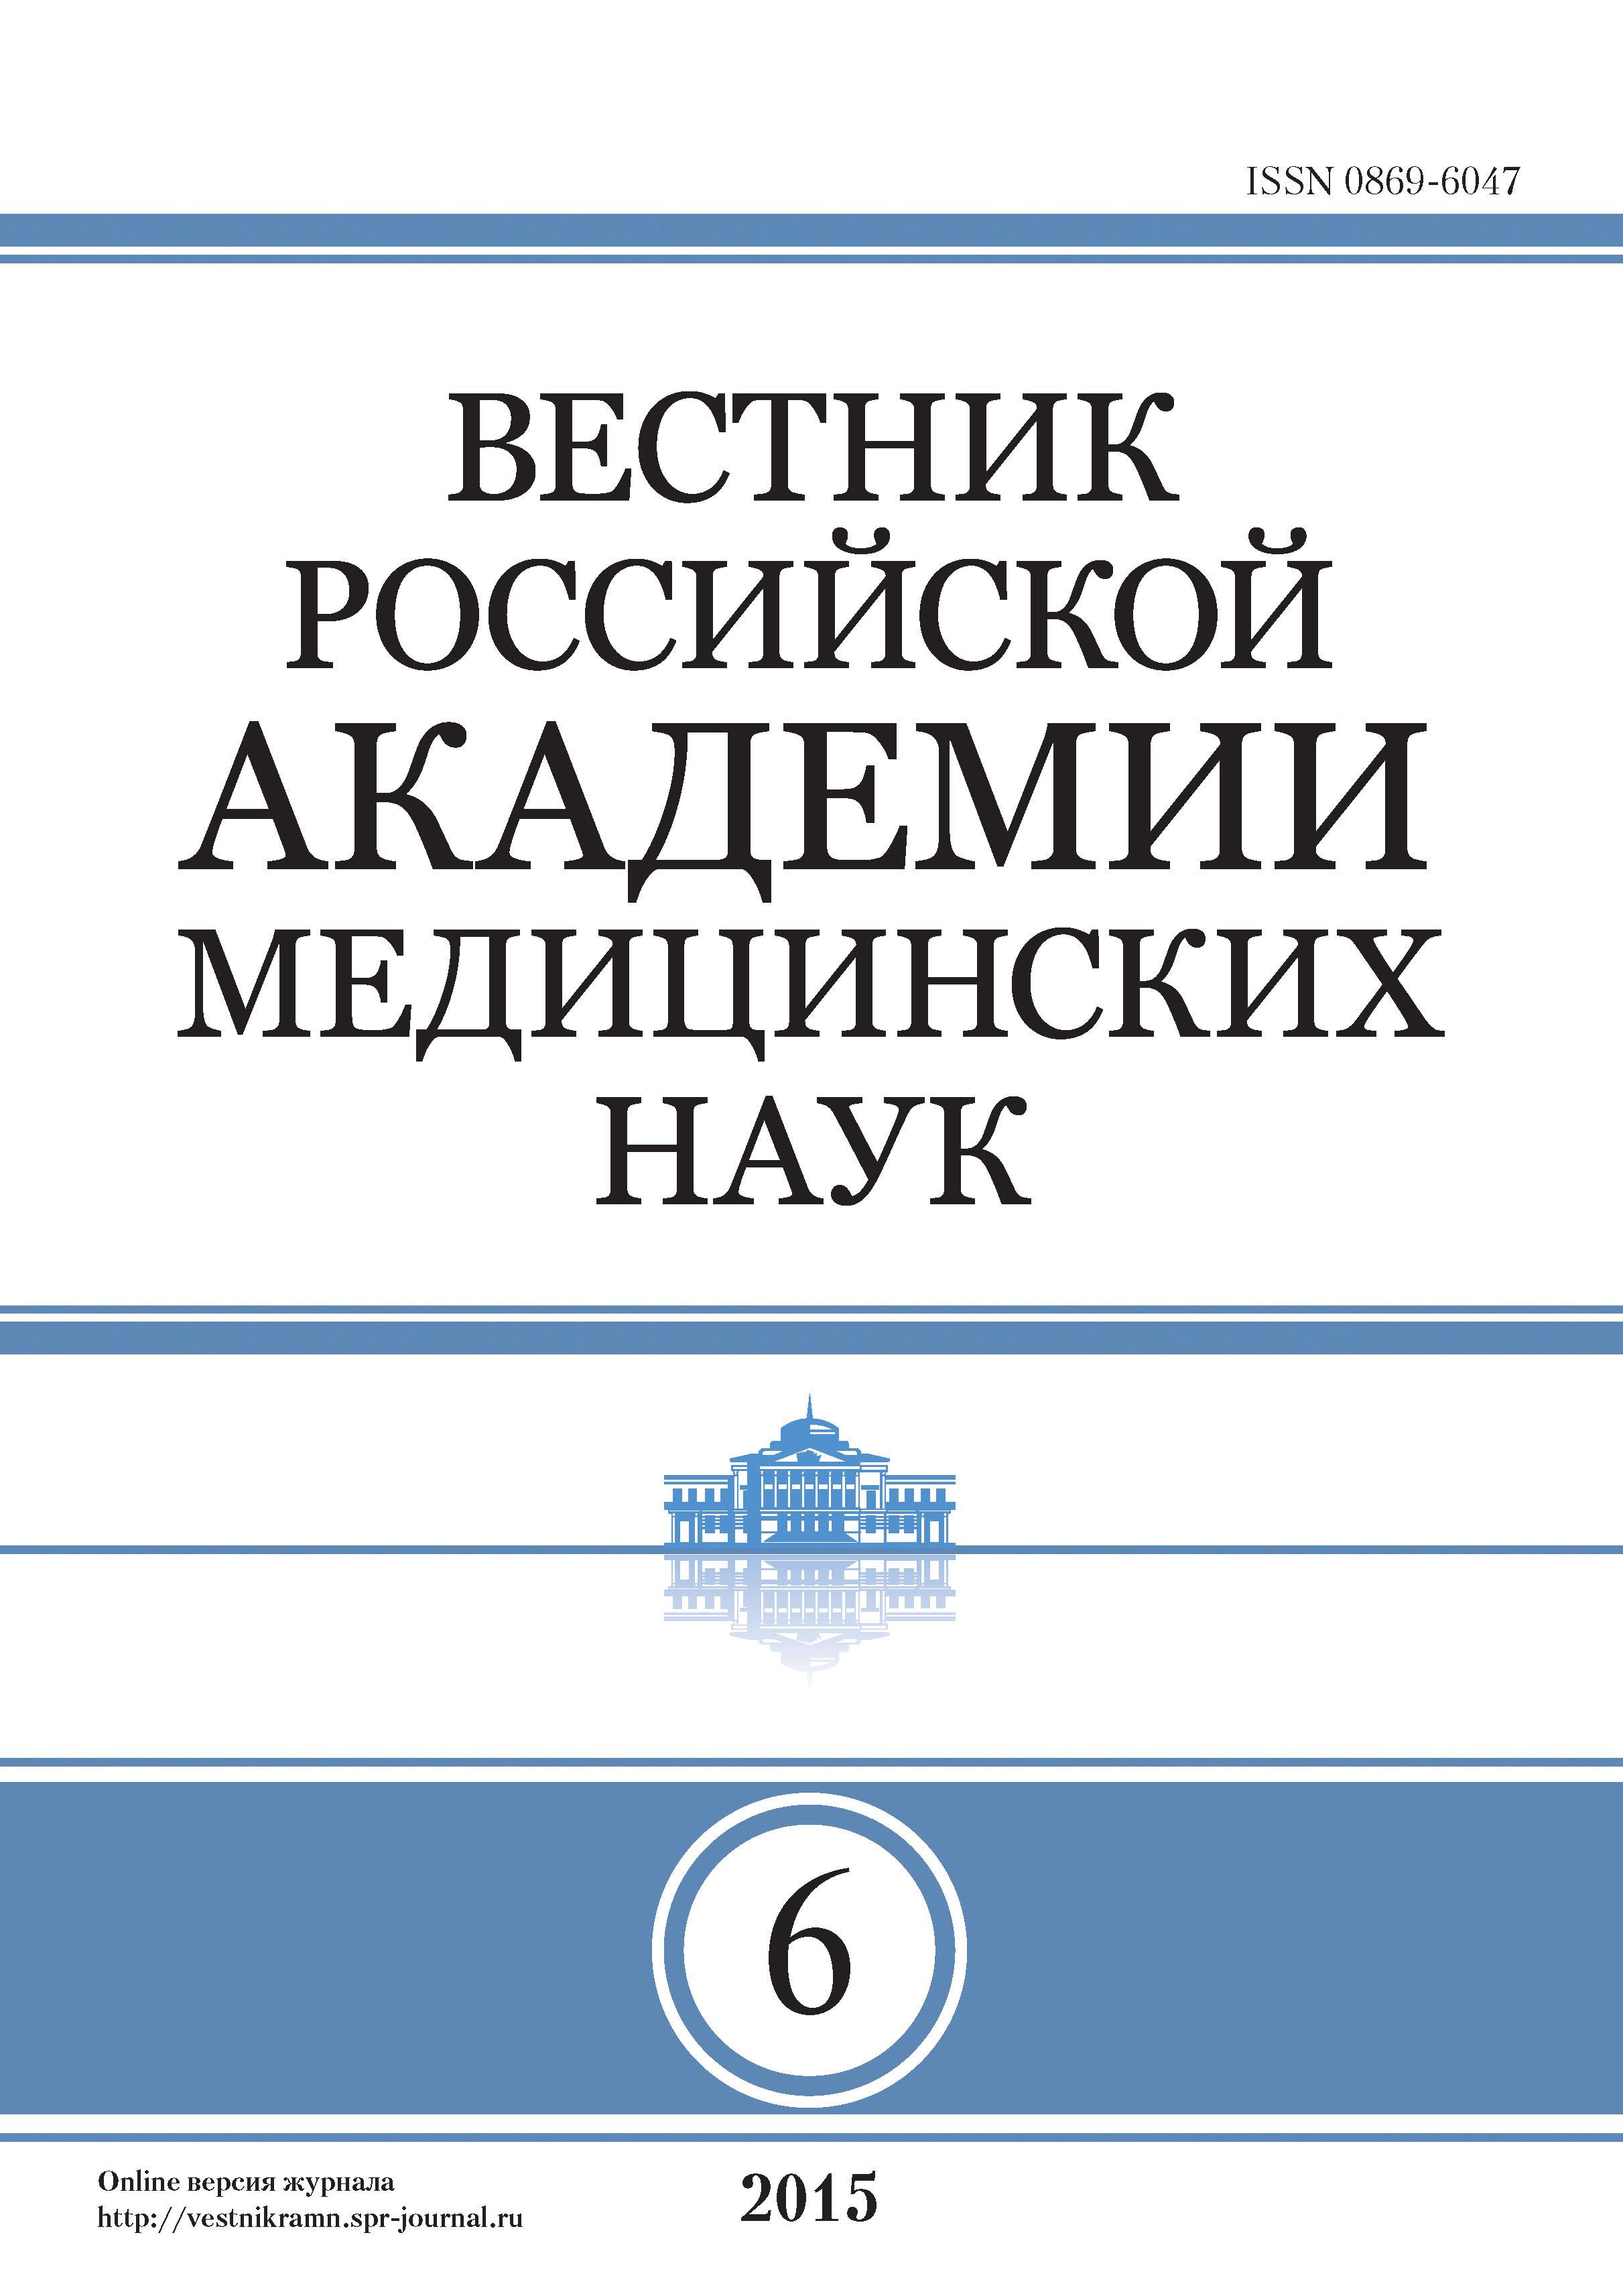 Отсутствует Вестник Российской академии медицинских наук №6/2015